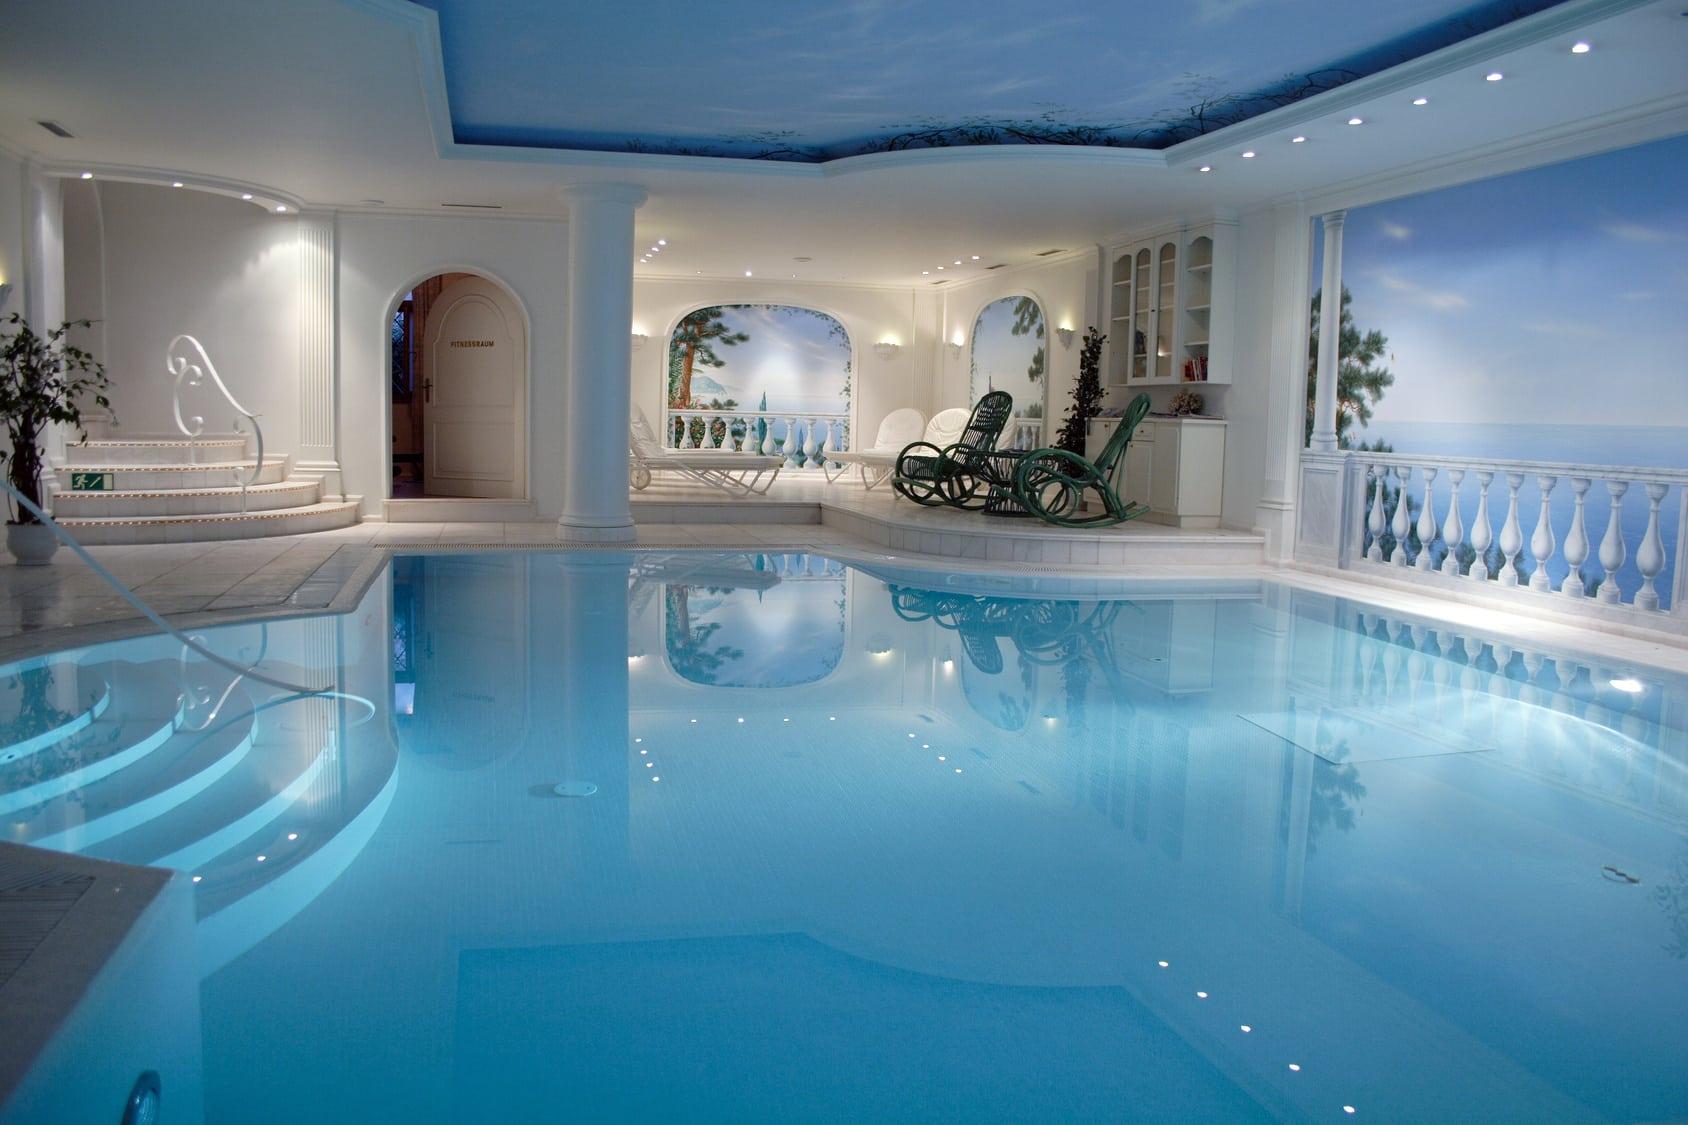 Quel syst me de chauffage de piscine choisir le comparatif for Hotel avec piscine interieur